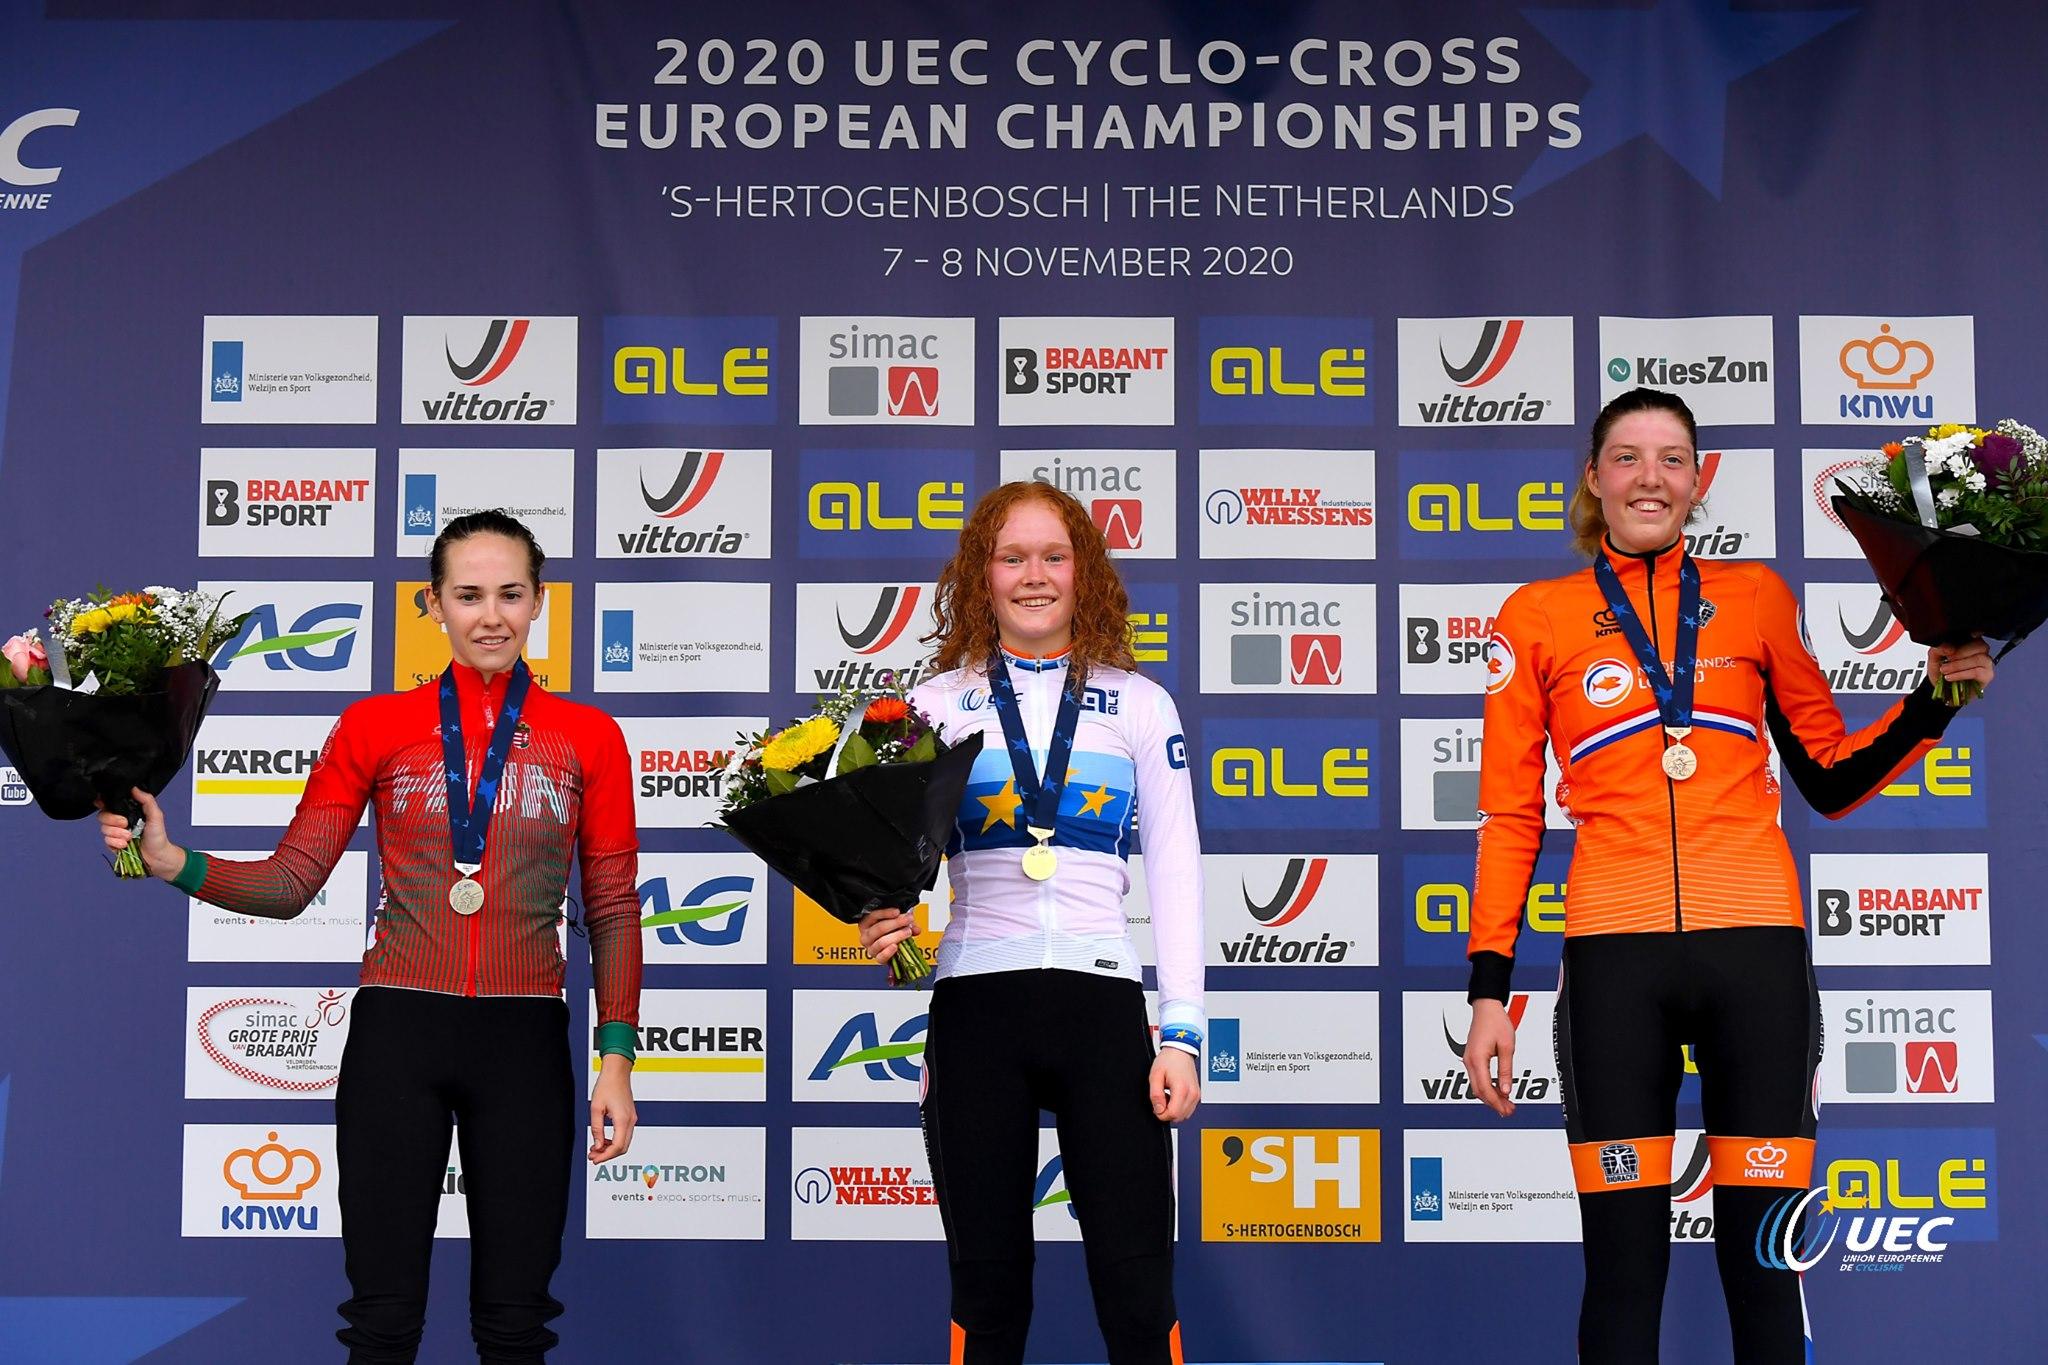 Il podio del Campionato Europeo Ciclocross Donne Under 23 2020 (foto UEC/BettiniPhoto)